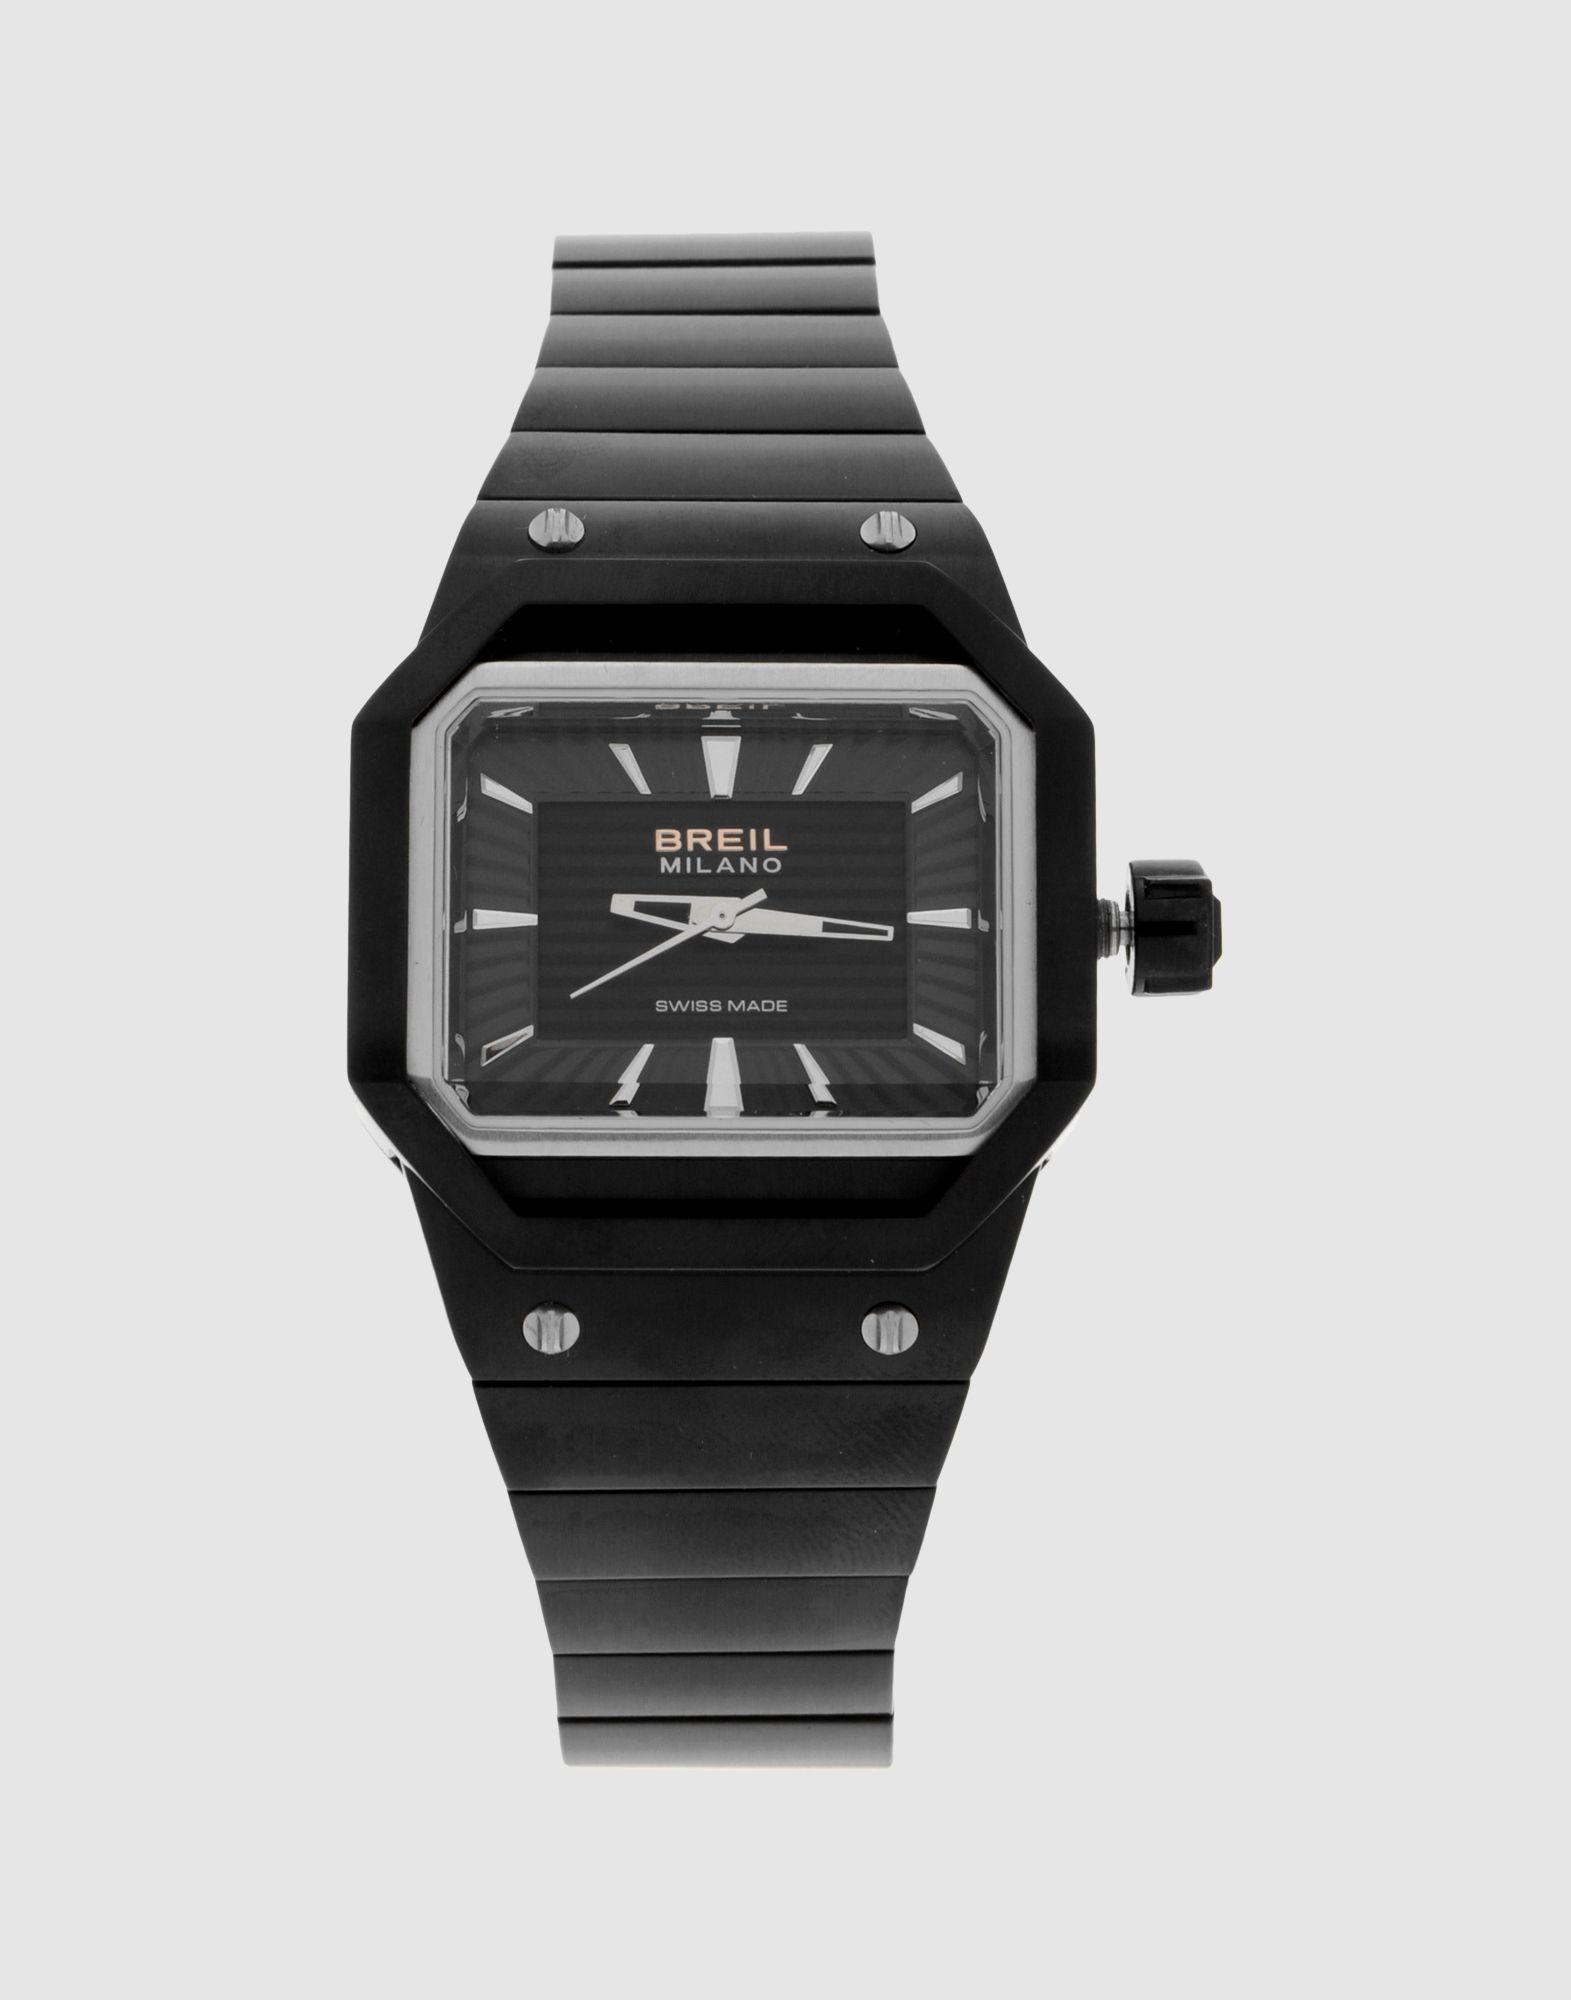 BREIL Wrist watches